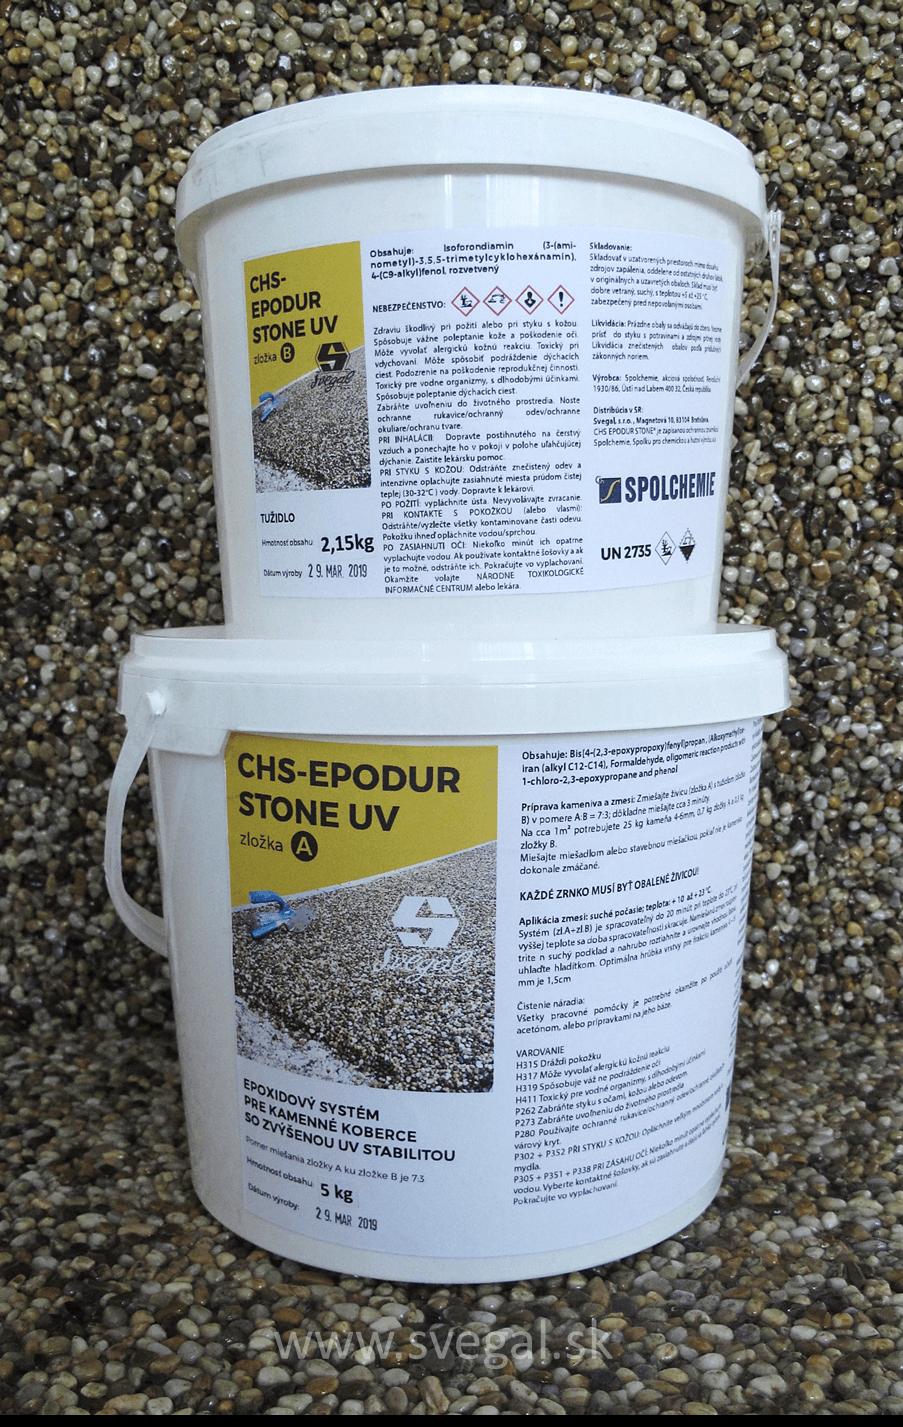 Zaliatie dlažobných kameňov produktom CHS-EPODUR STONE UV. Vysoká UV ochrana a minimálne žltnutie. UV kamenný koberec s dlhou životnosťou.